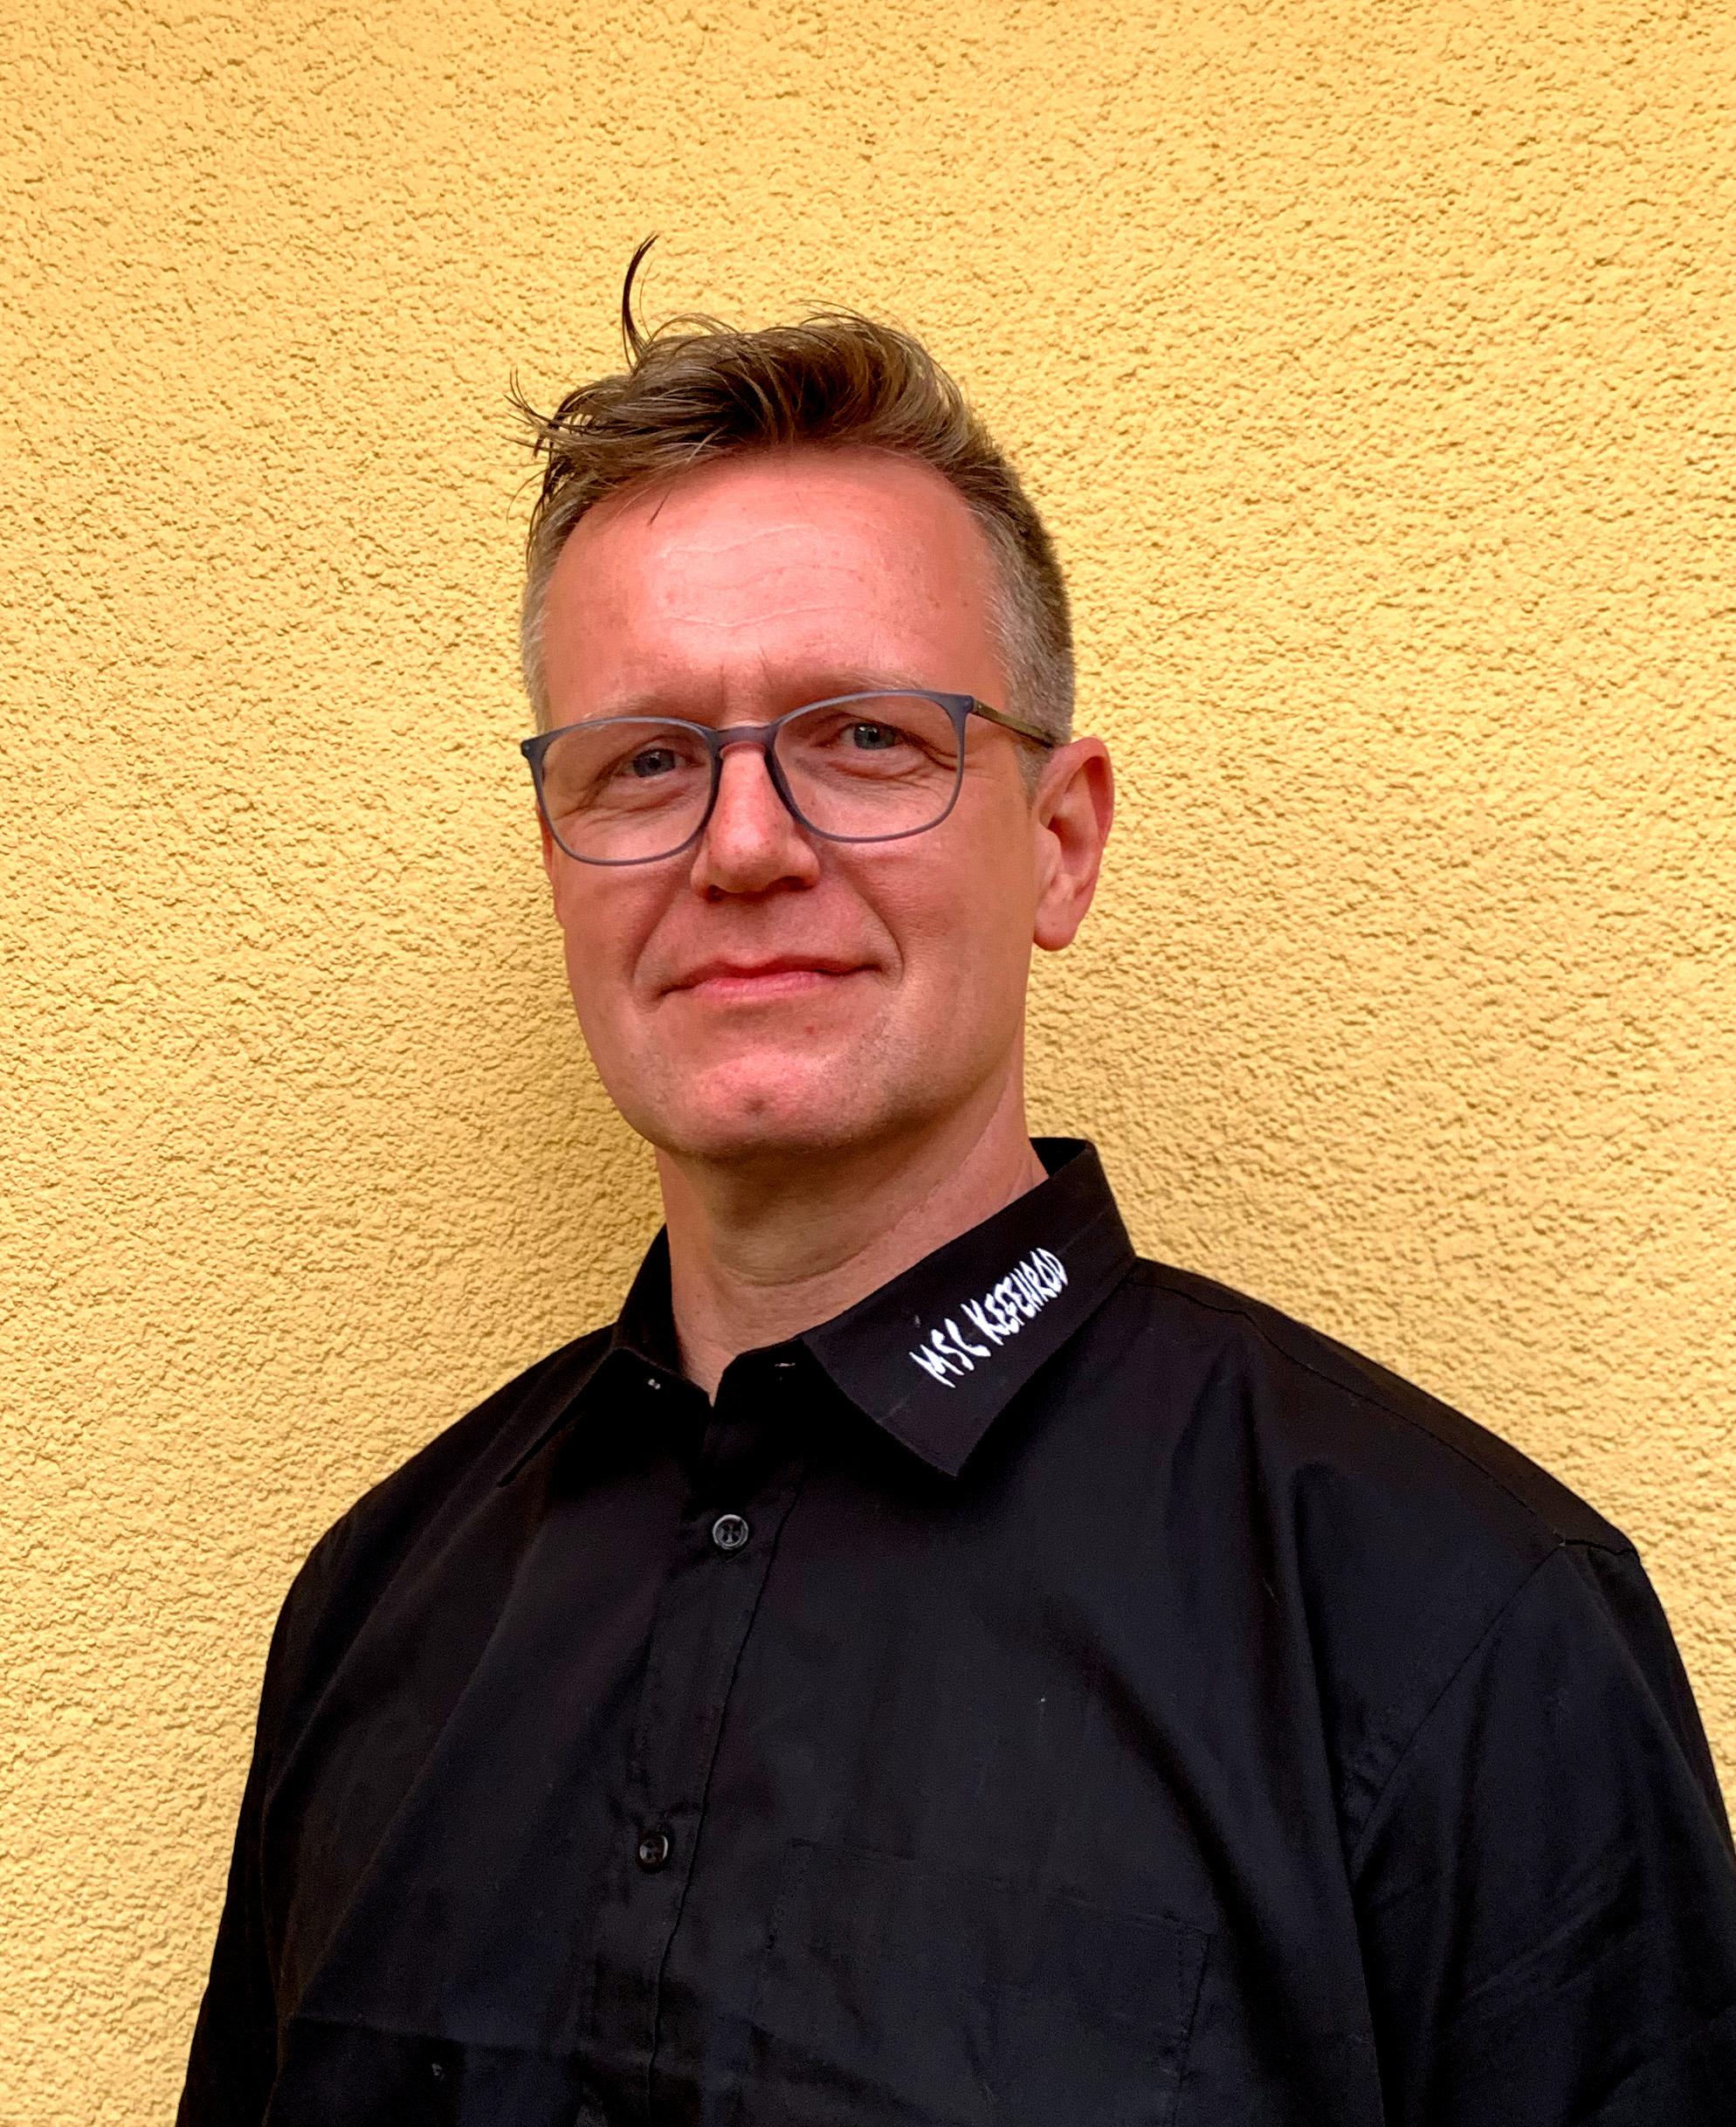 Roland Hölscher